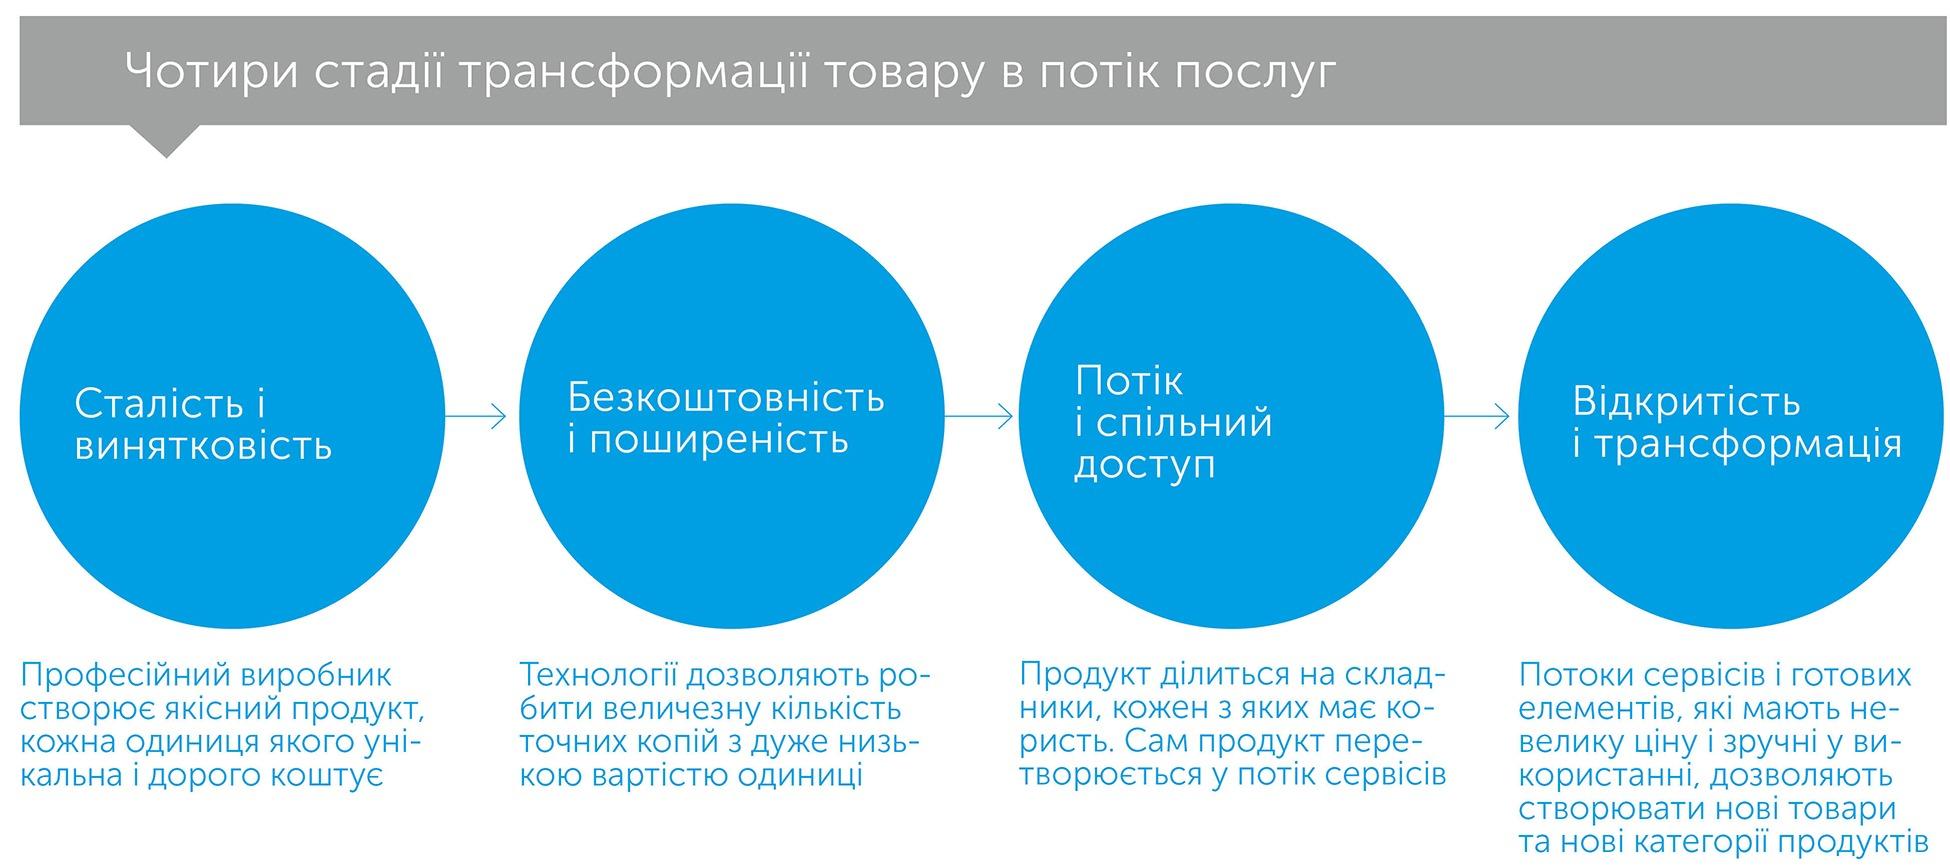 Невідворотне. 12 технологічних трендів, що визначають наше майбутнє, автор Кевин Келли   Kyivstar Business Hub, зображення №5